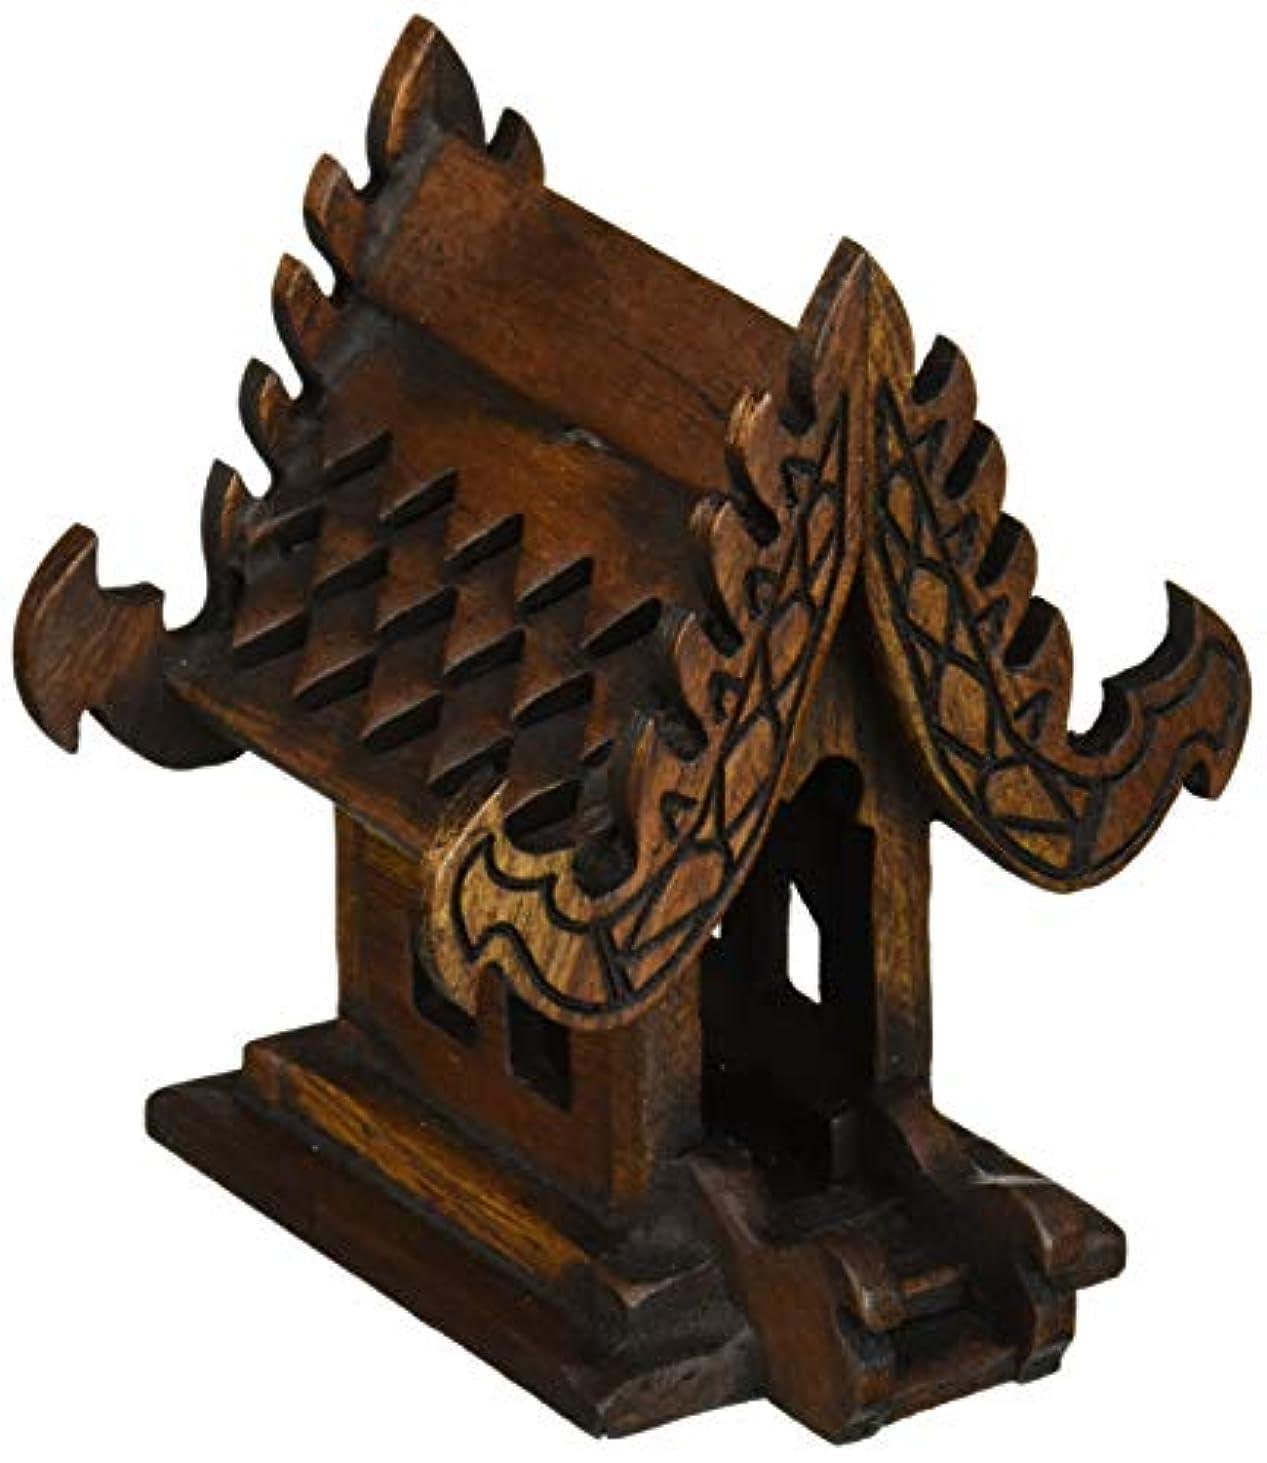 恐ろしいです貼り直すアクティブデザインunseenthailandタイ仏教でハンドメイドチーク材木製Spirit家。 W4